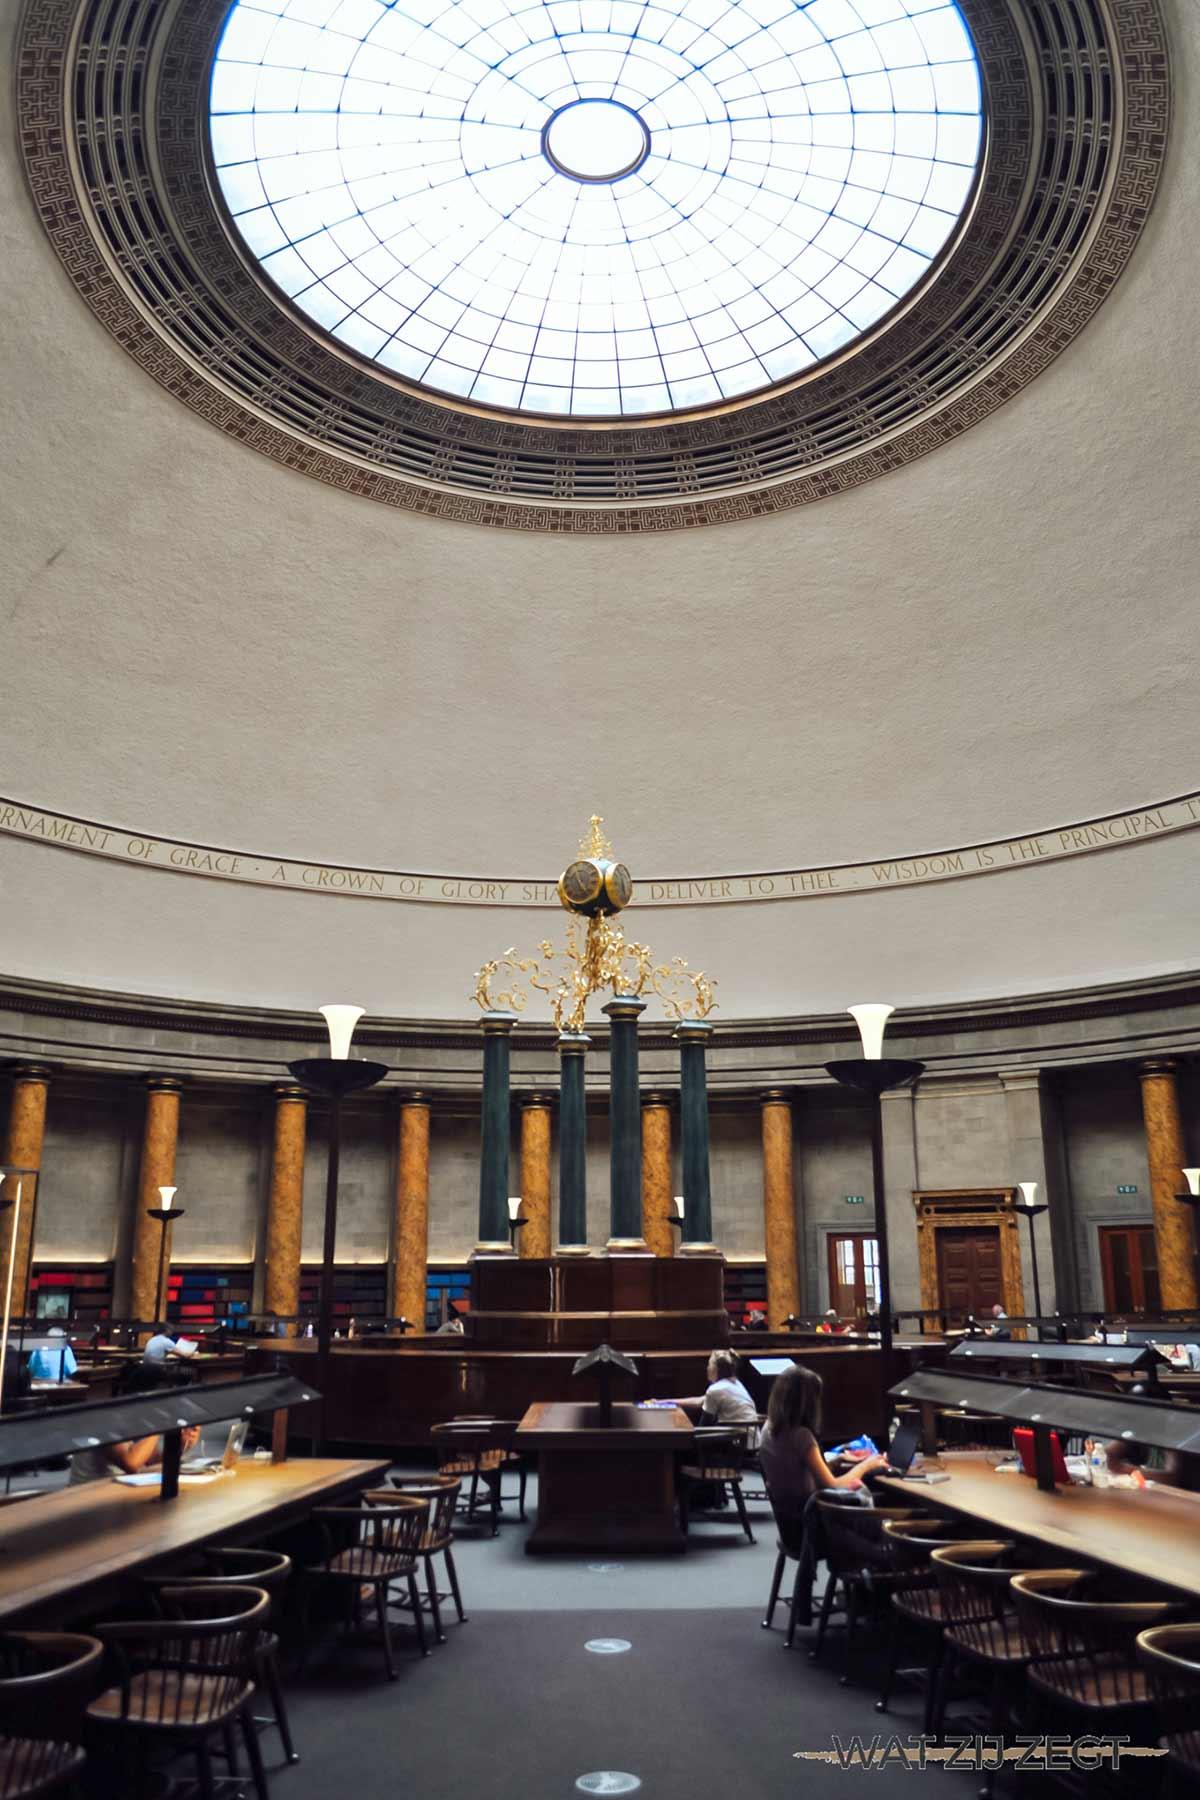 Manchester's Central Library is een bezoekje waard